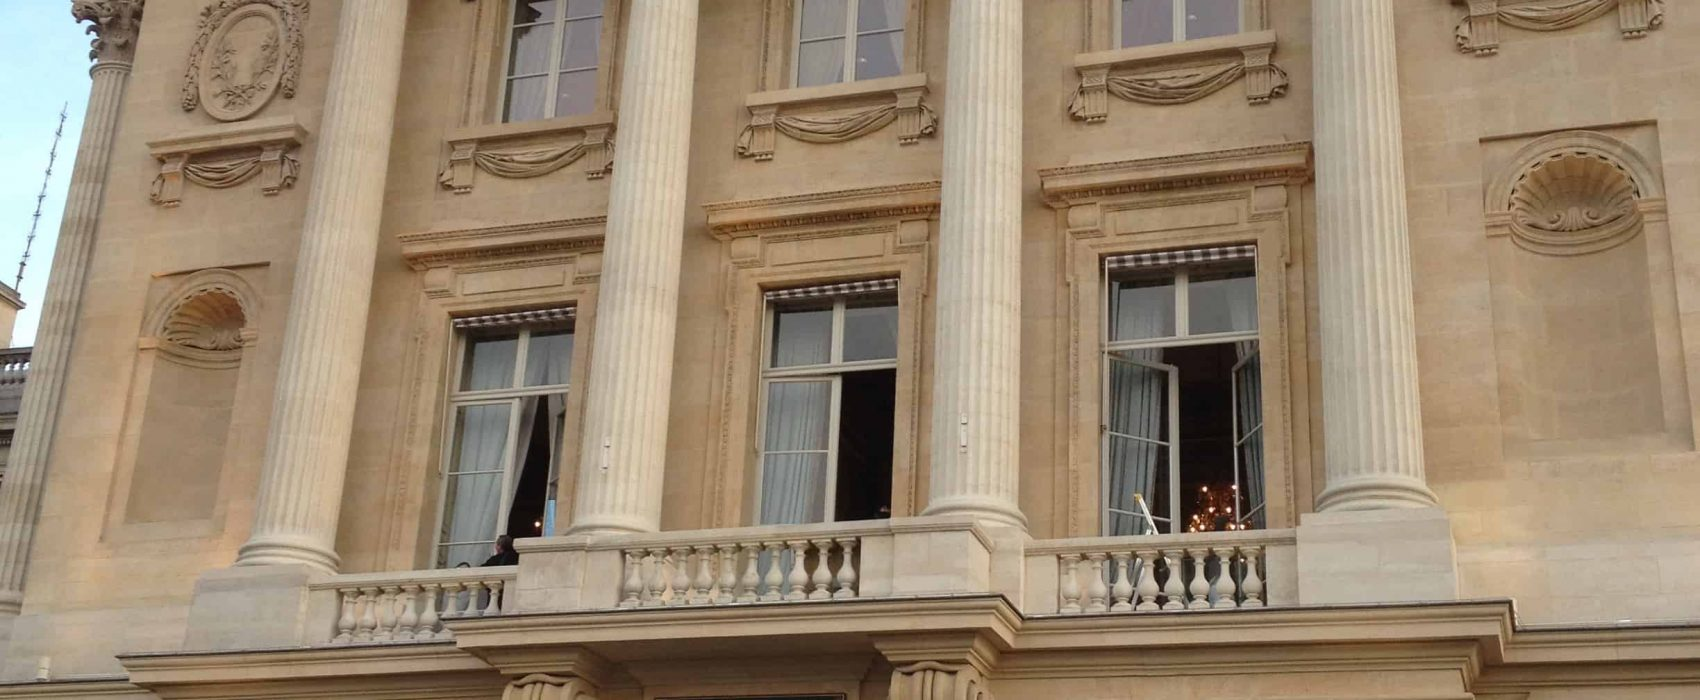 HOTEL CRILLON VUE D'ENSEMBLE-squashed